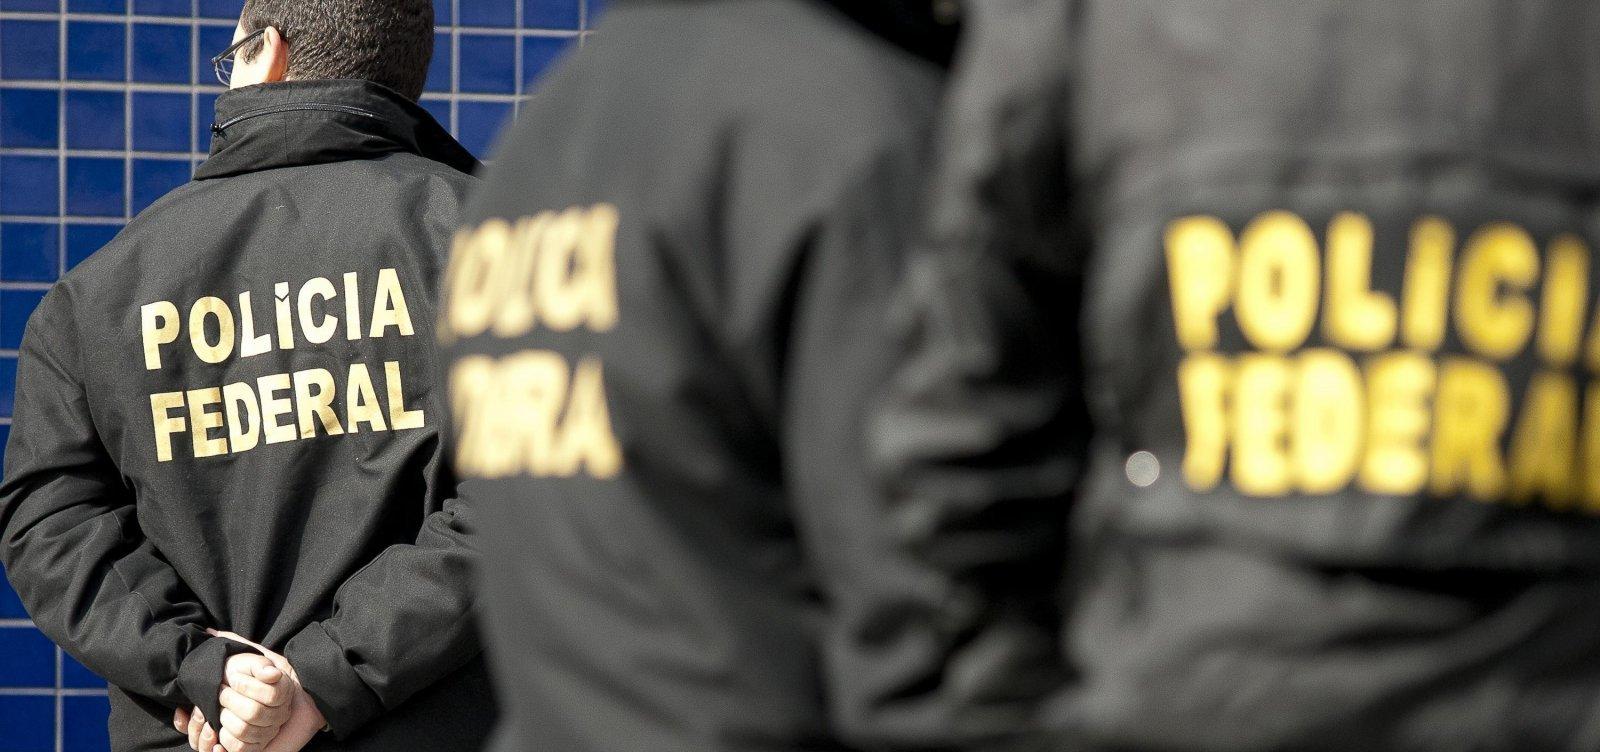 [Policiais civis e federais protestam contra mudanças propostas na reforma da Previdência]